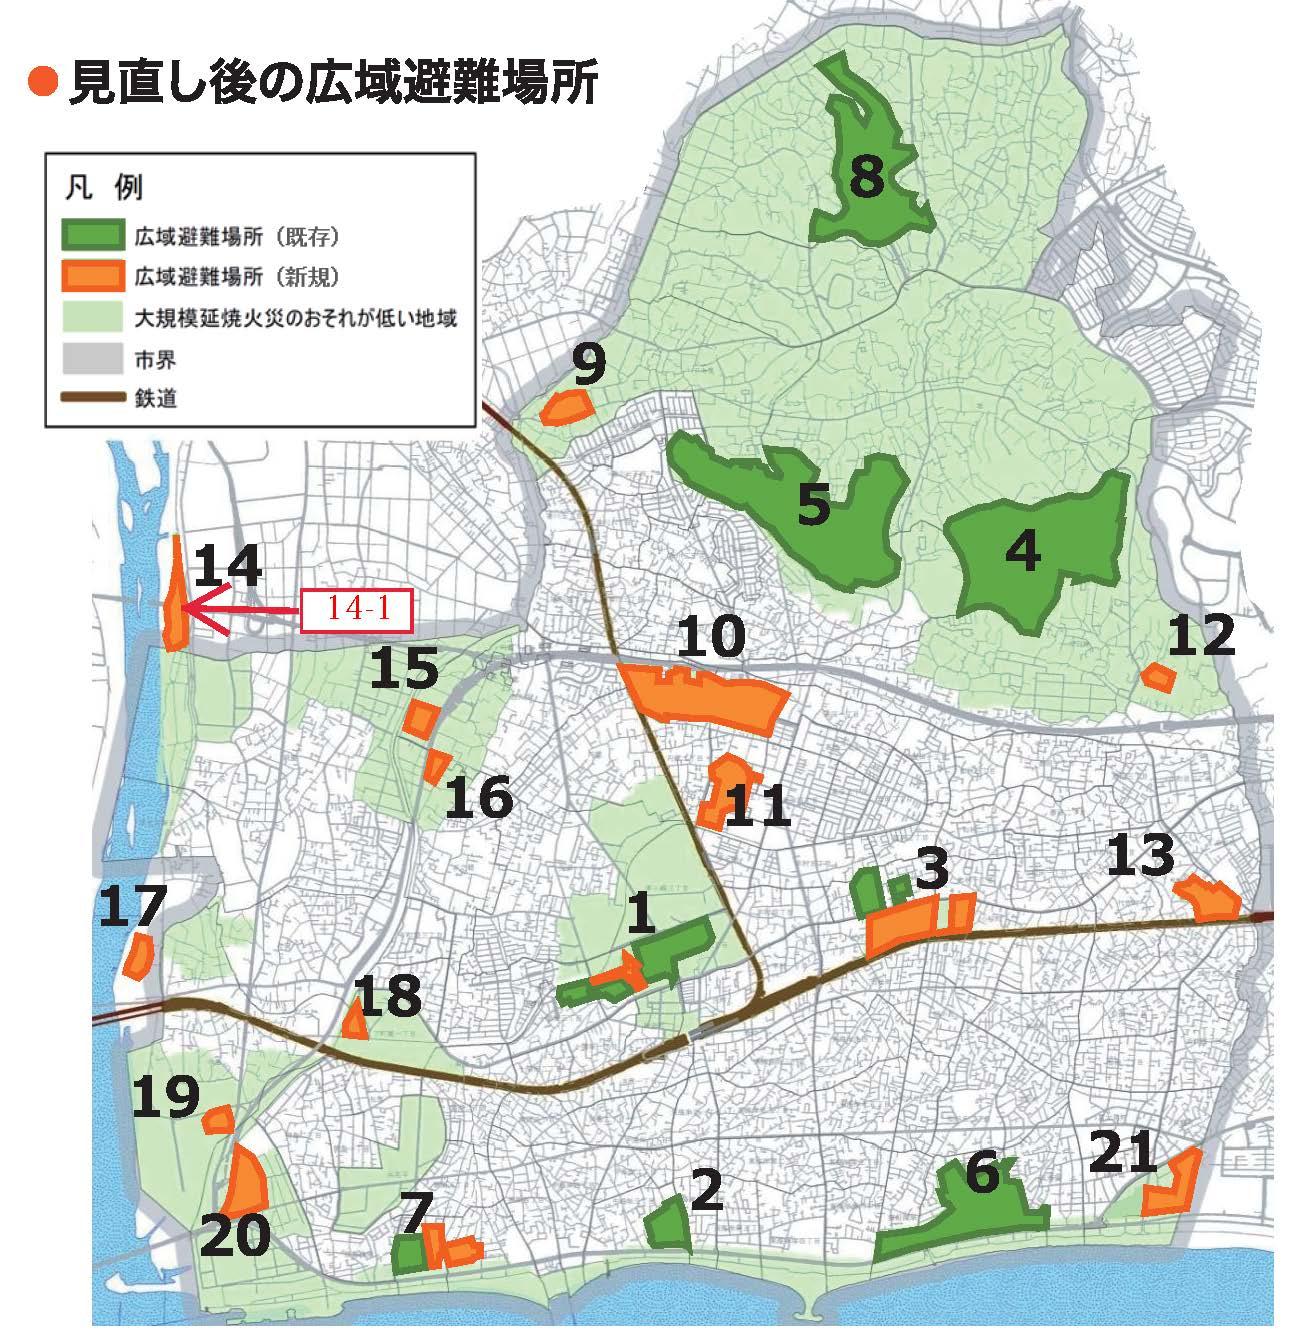 14-1.広域避難場所_茅ヶ崎市地図